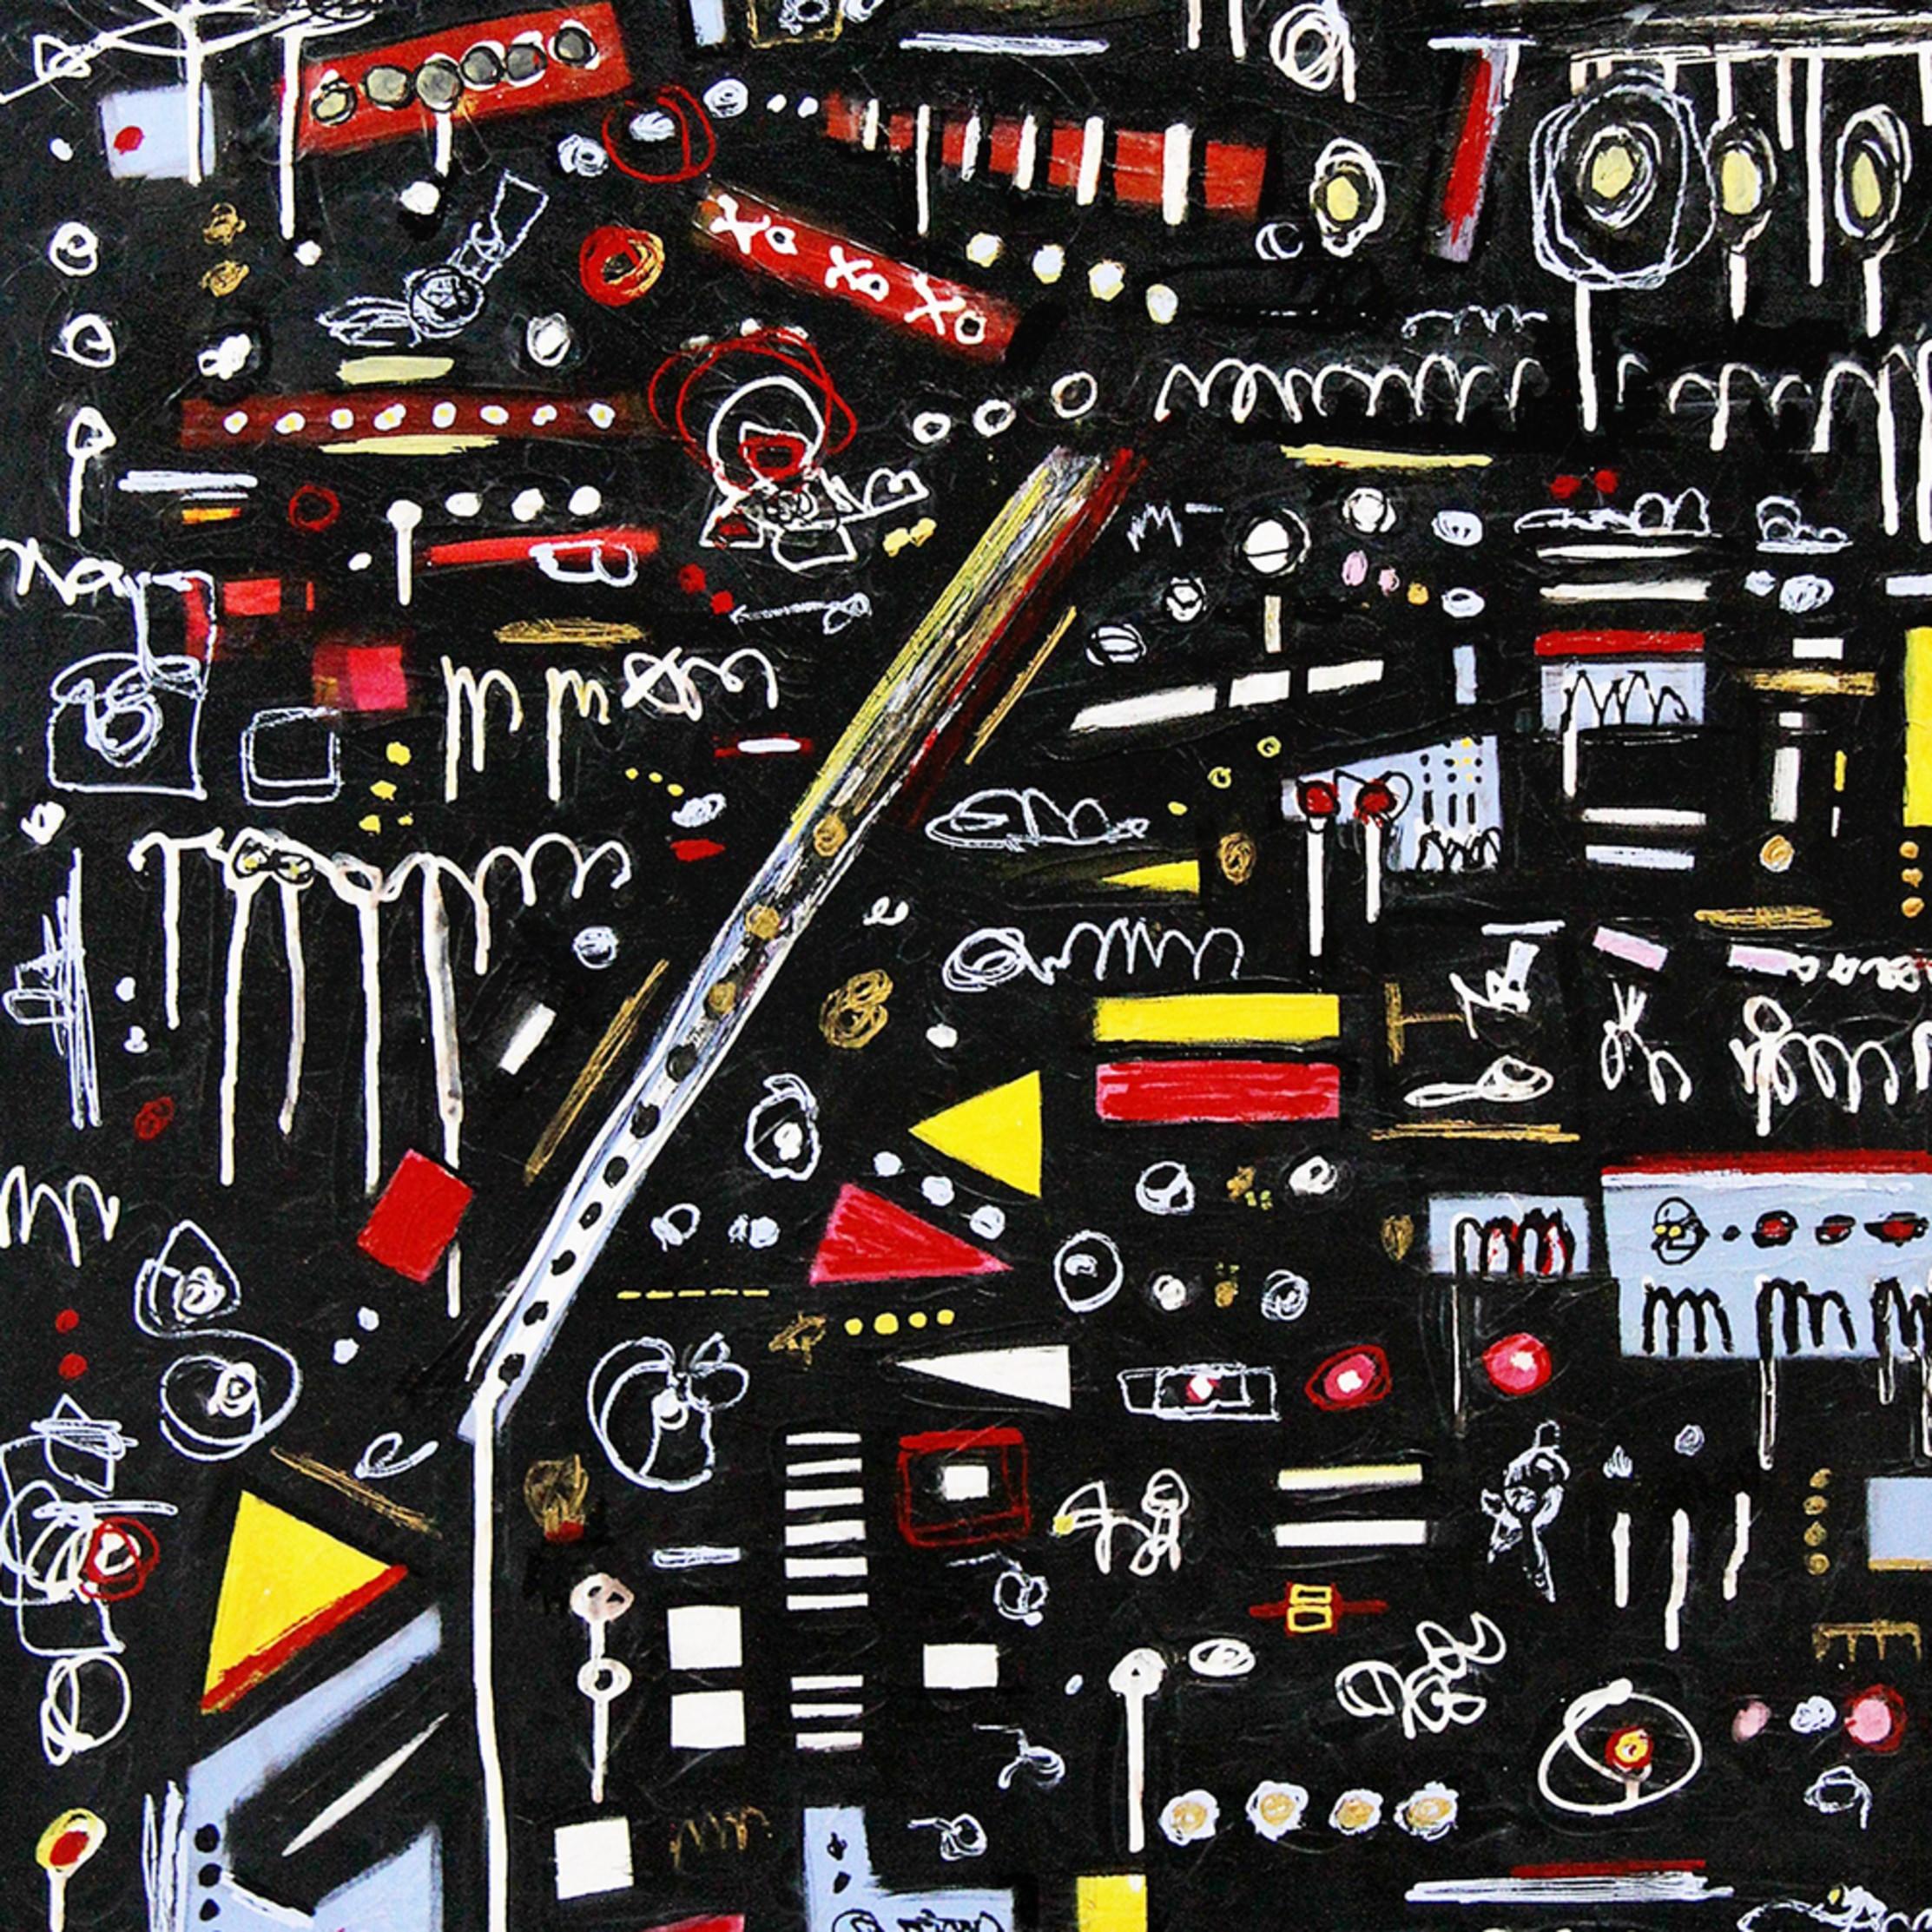 Diagram painting joseph meloy wet paint nyc dskhdx